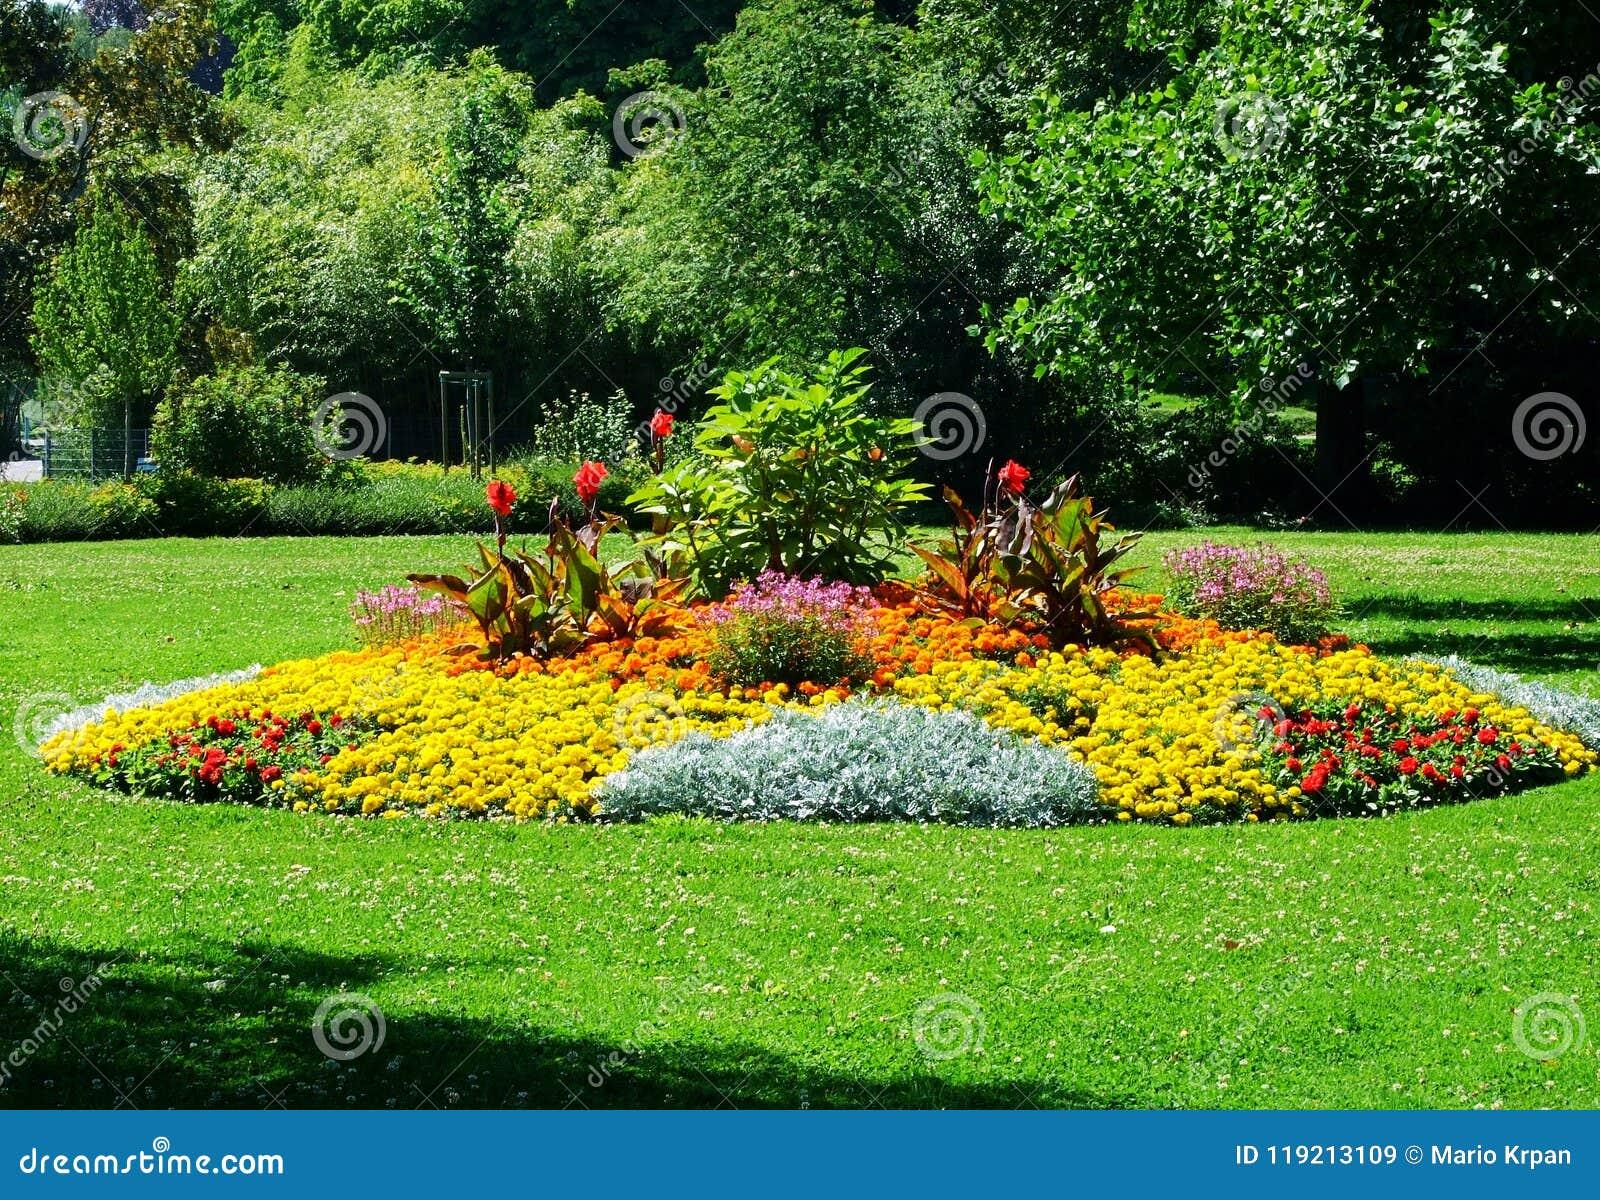 Jardín, flor, parque, primavera, flores, naturaleza, paisaje, verde, verano, árbol, hierba, campo, amarillo, hermoso, tulipán, pl